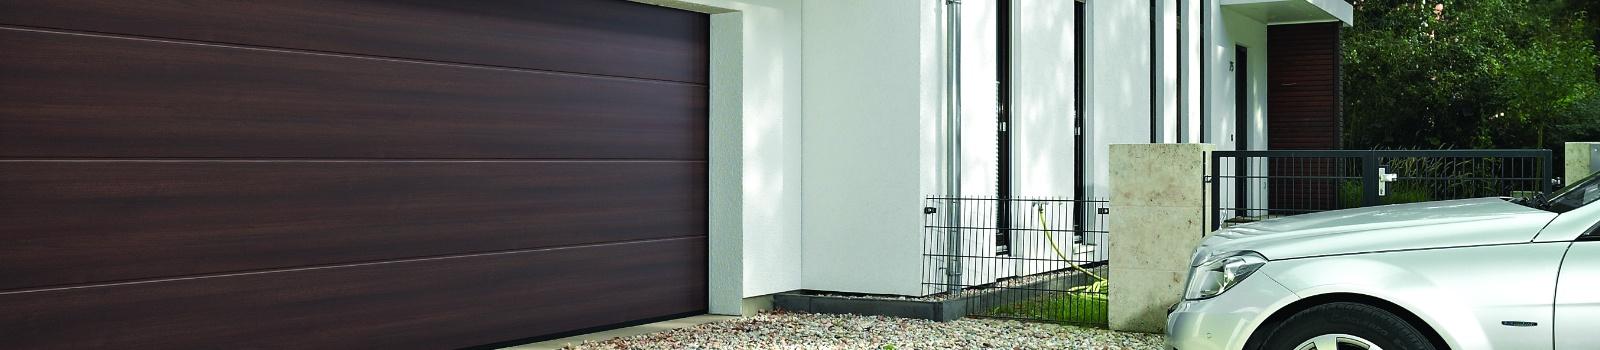 Options spécifiques aux portes de garage sectionnelles